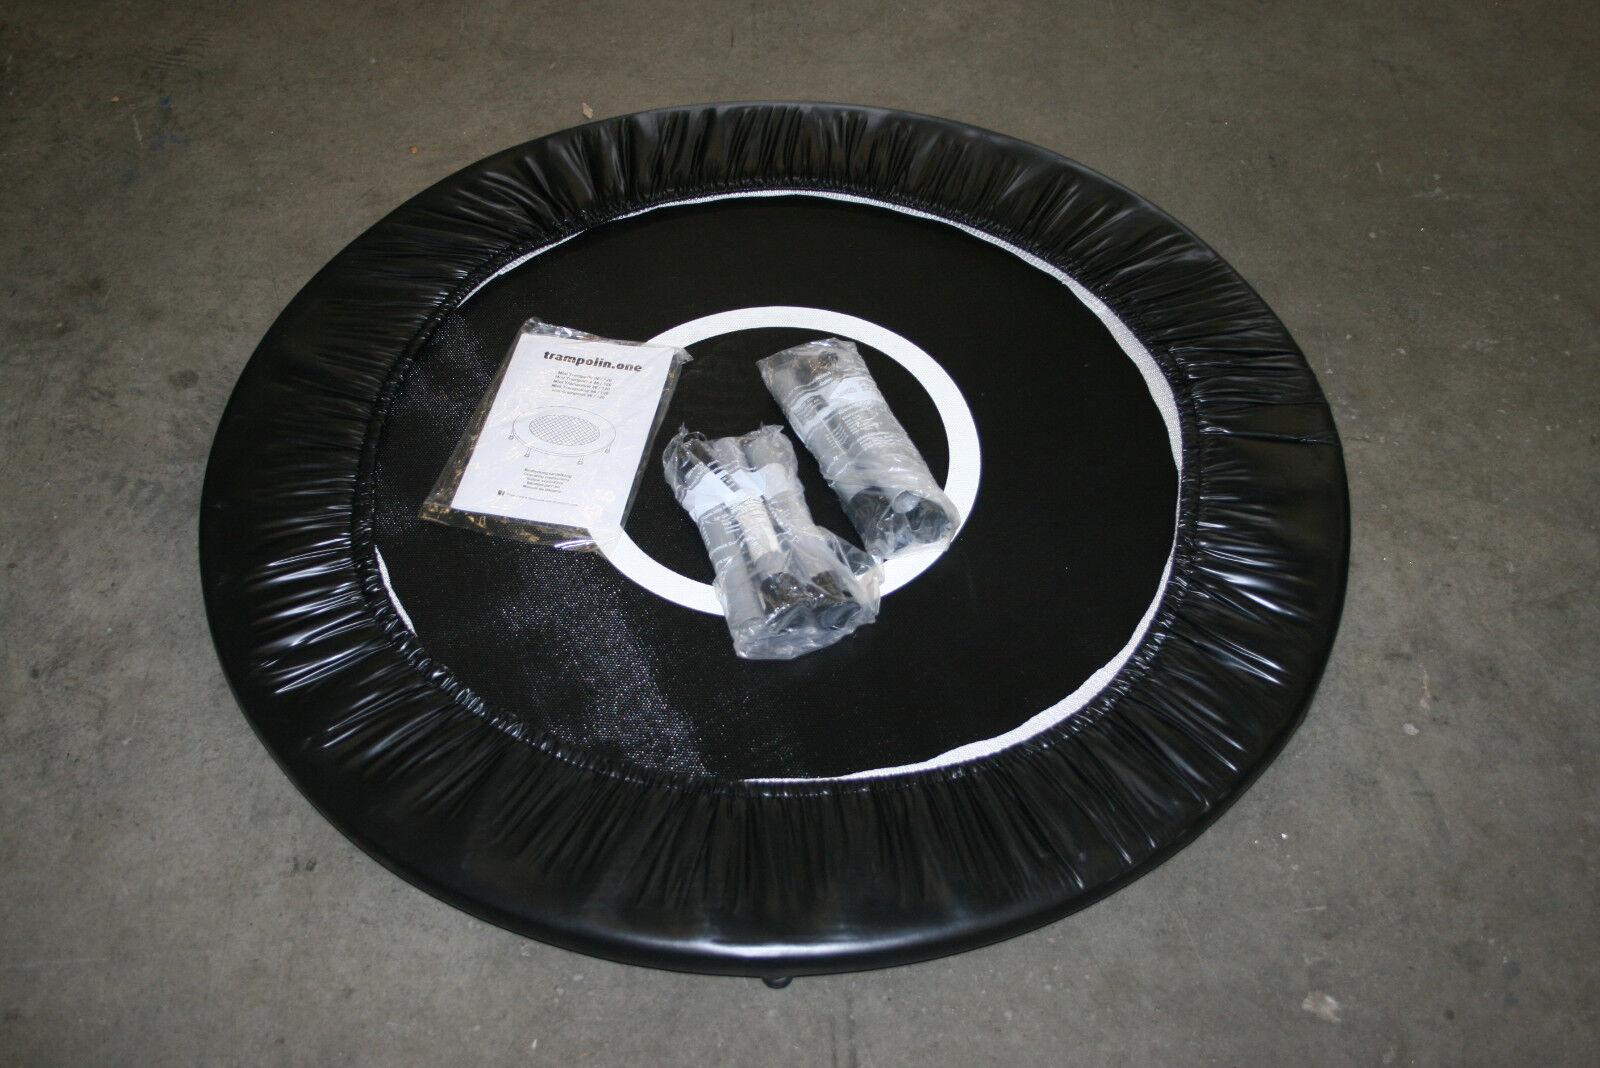 Mini-Trampolin One 96 Größe  97,5x5x98 cm